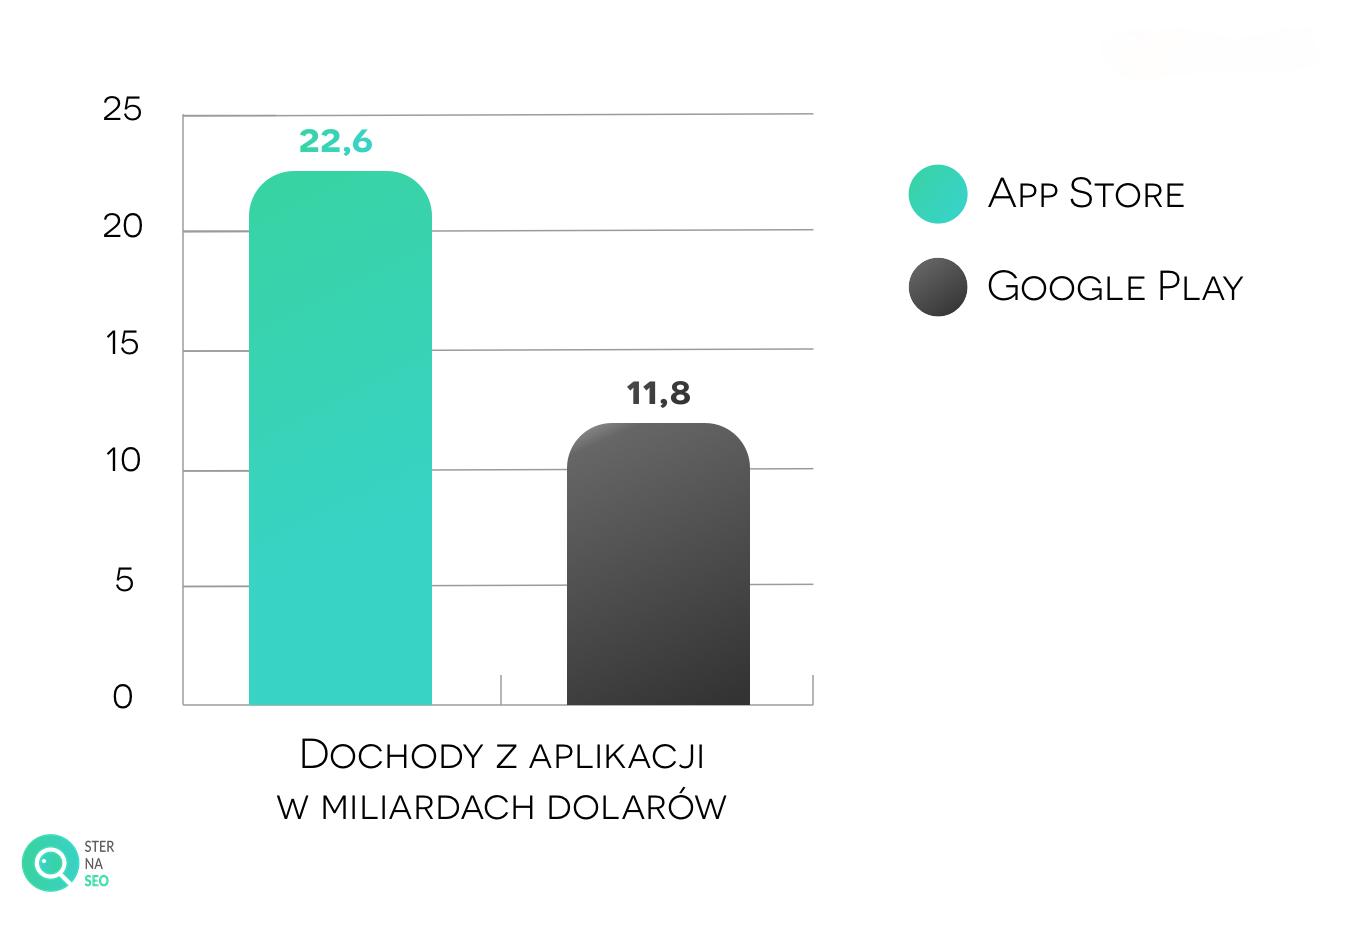 Dochody ze sprzedaży aplikacji Google Play i App Store